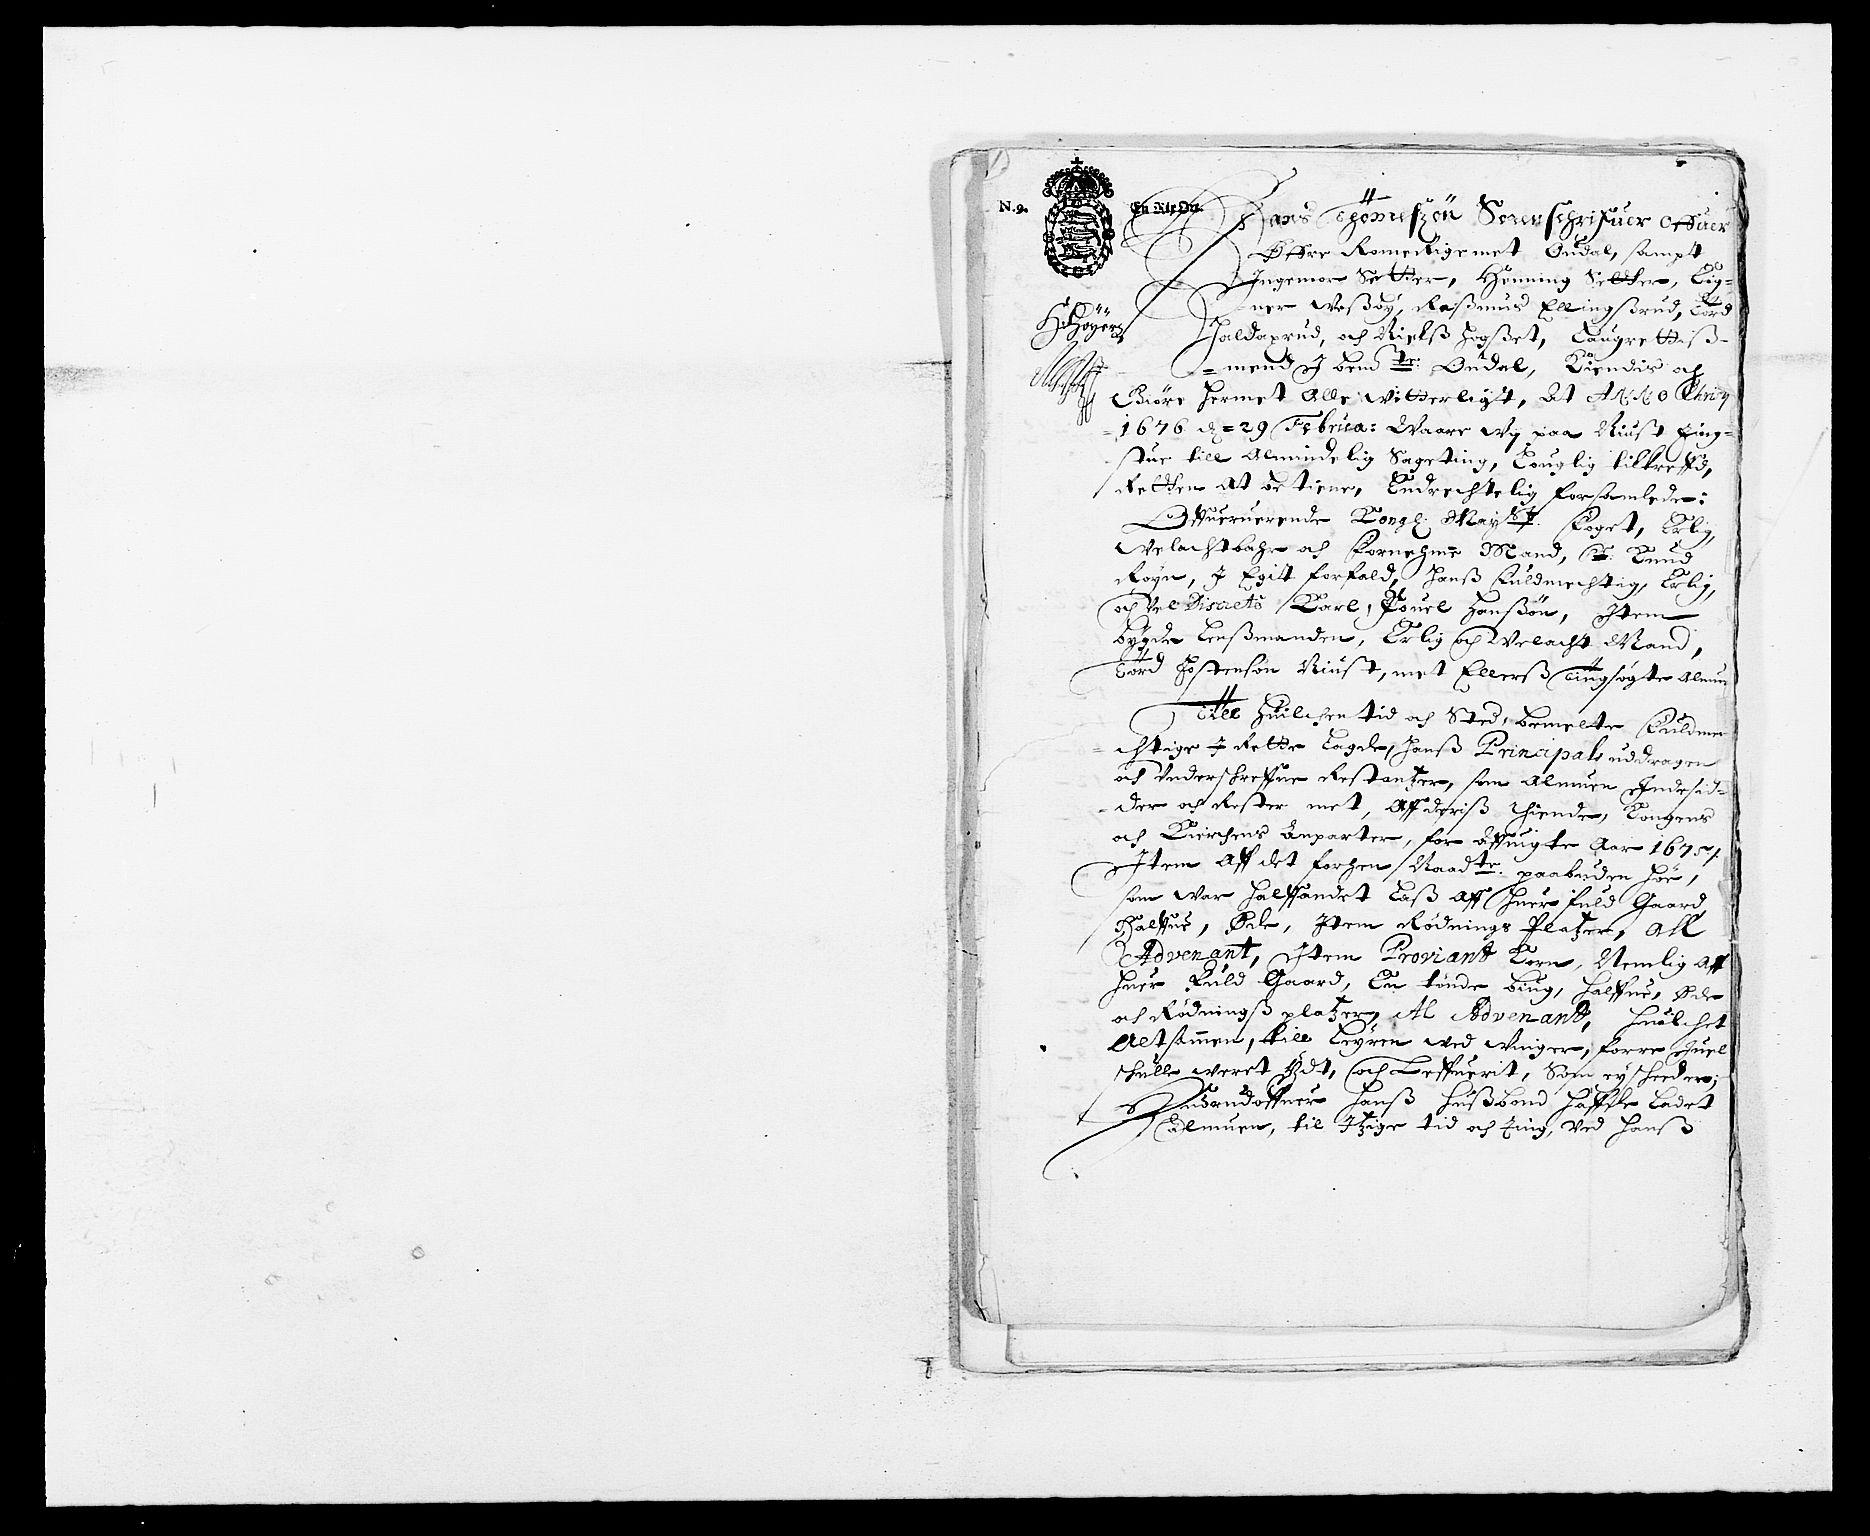 RA, Rentekammeret inntil 1814, Reviderte regnskaper, Fogderegnskap, R13/L0813: Fogderegnskap Solør, Odal og Østerdal, 1677, s. 174